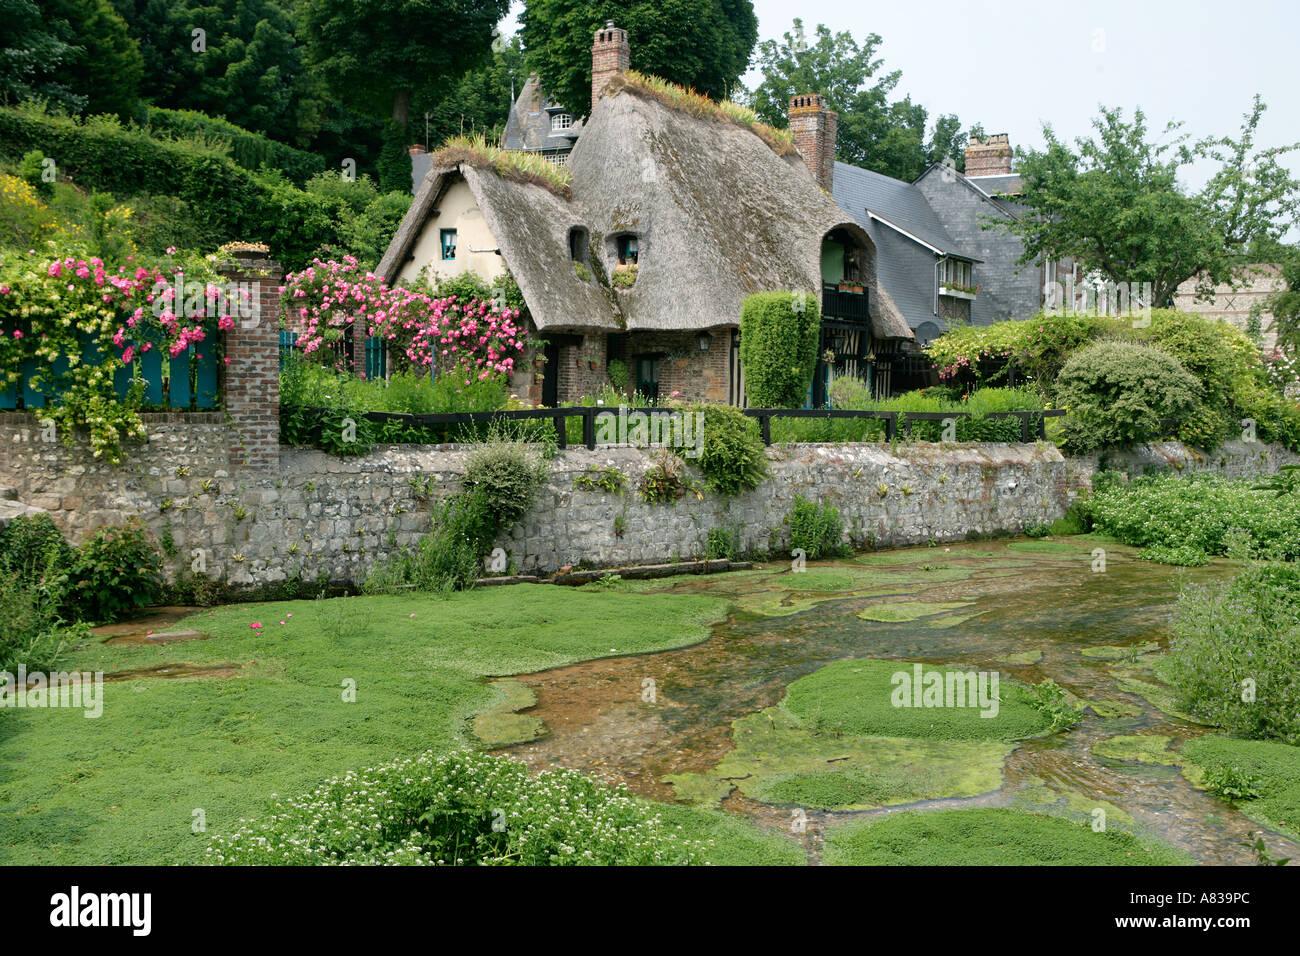 France normandie seine maritime veules les roses maison avec un toit de chaume banque d - Maison en toit de chaume ...